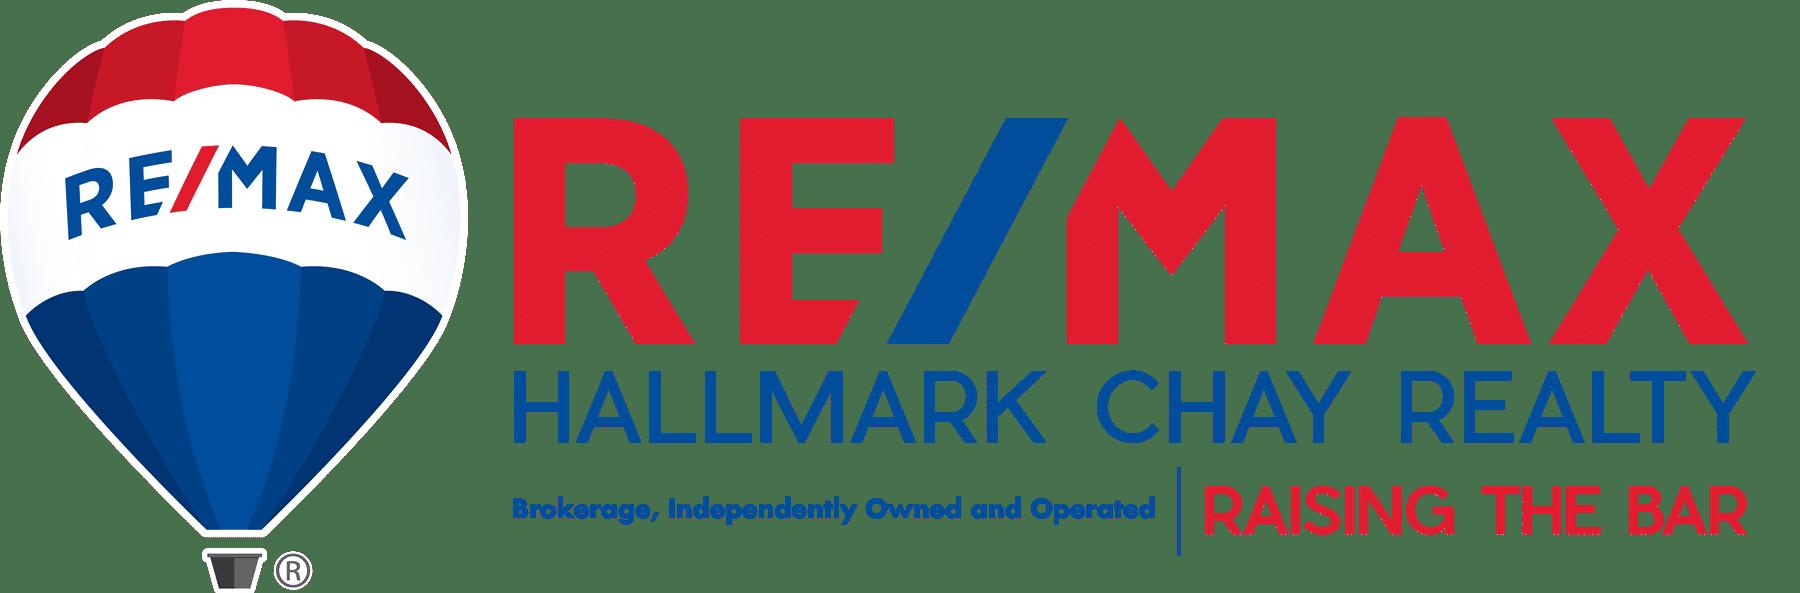 Re/Max Hallmark Chay Realty, Brokerage